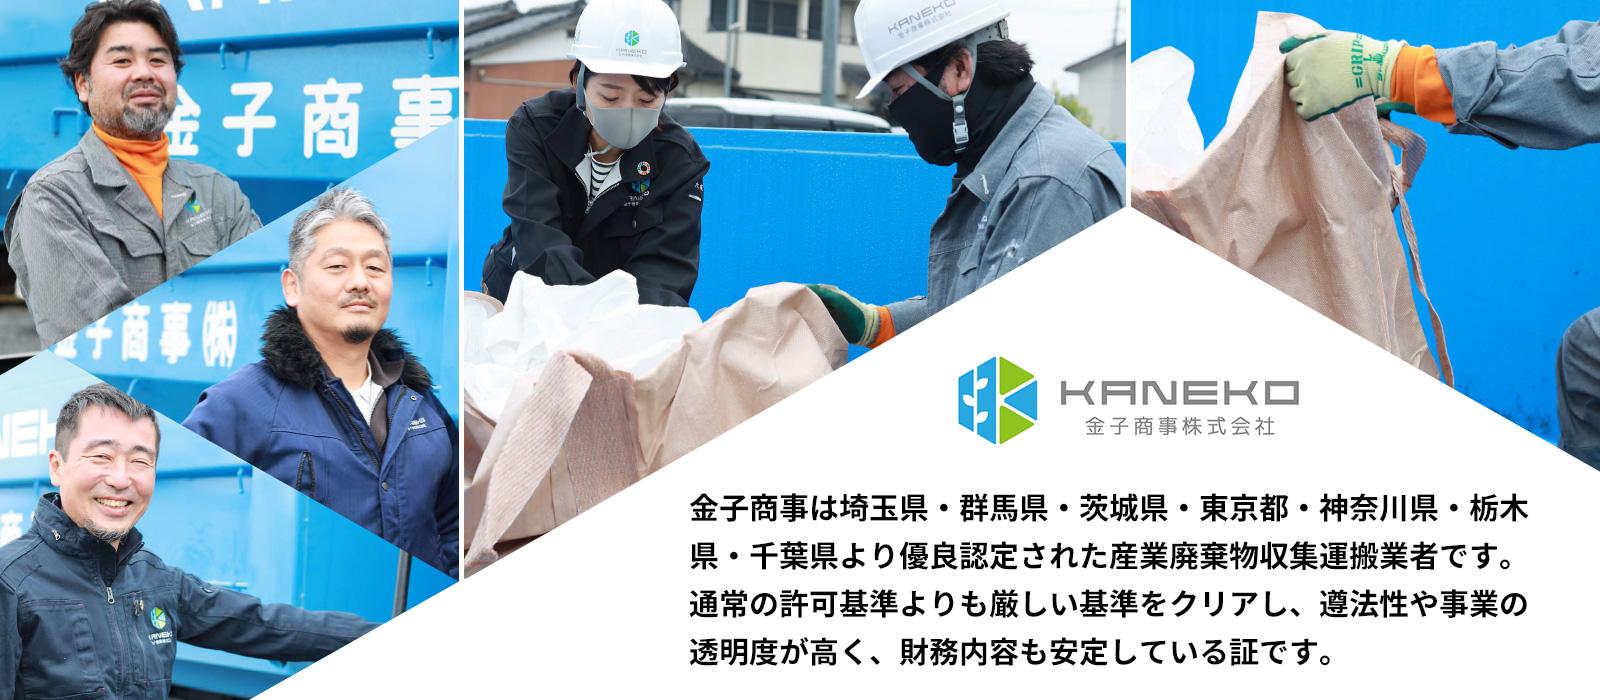 金子商事は埼玉県・群馬県・茨城県・東京都・神奈川県・栃木県・千葉県より優良認定された産業廃棄物収集運搬業者です。通常の許可基準よりも厳しい基準をクリアし、遵法性や事業の透明度が高く、財務内容も安定している証です。